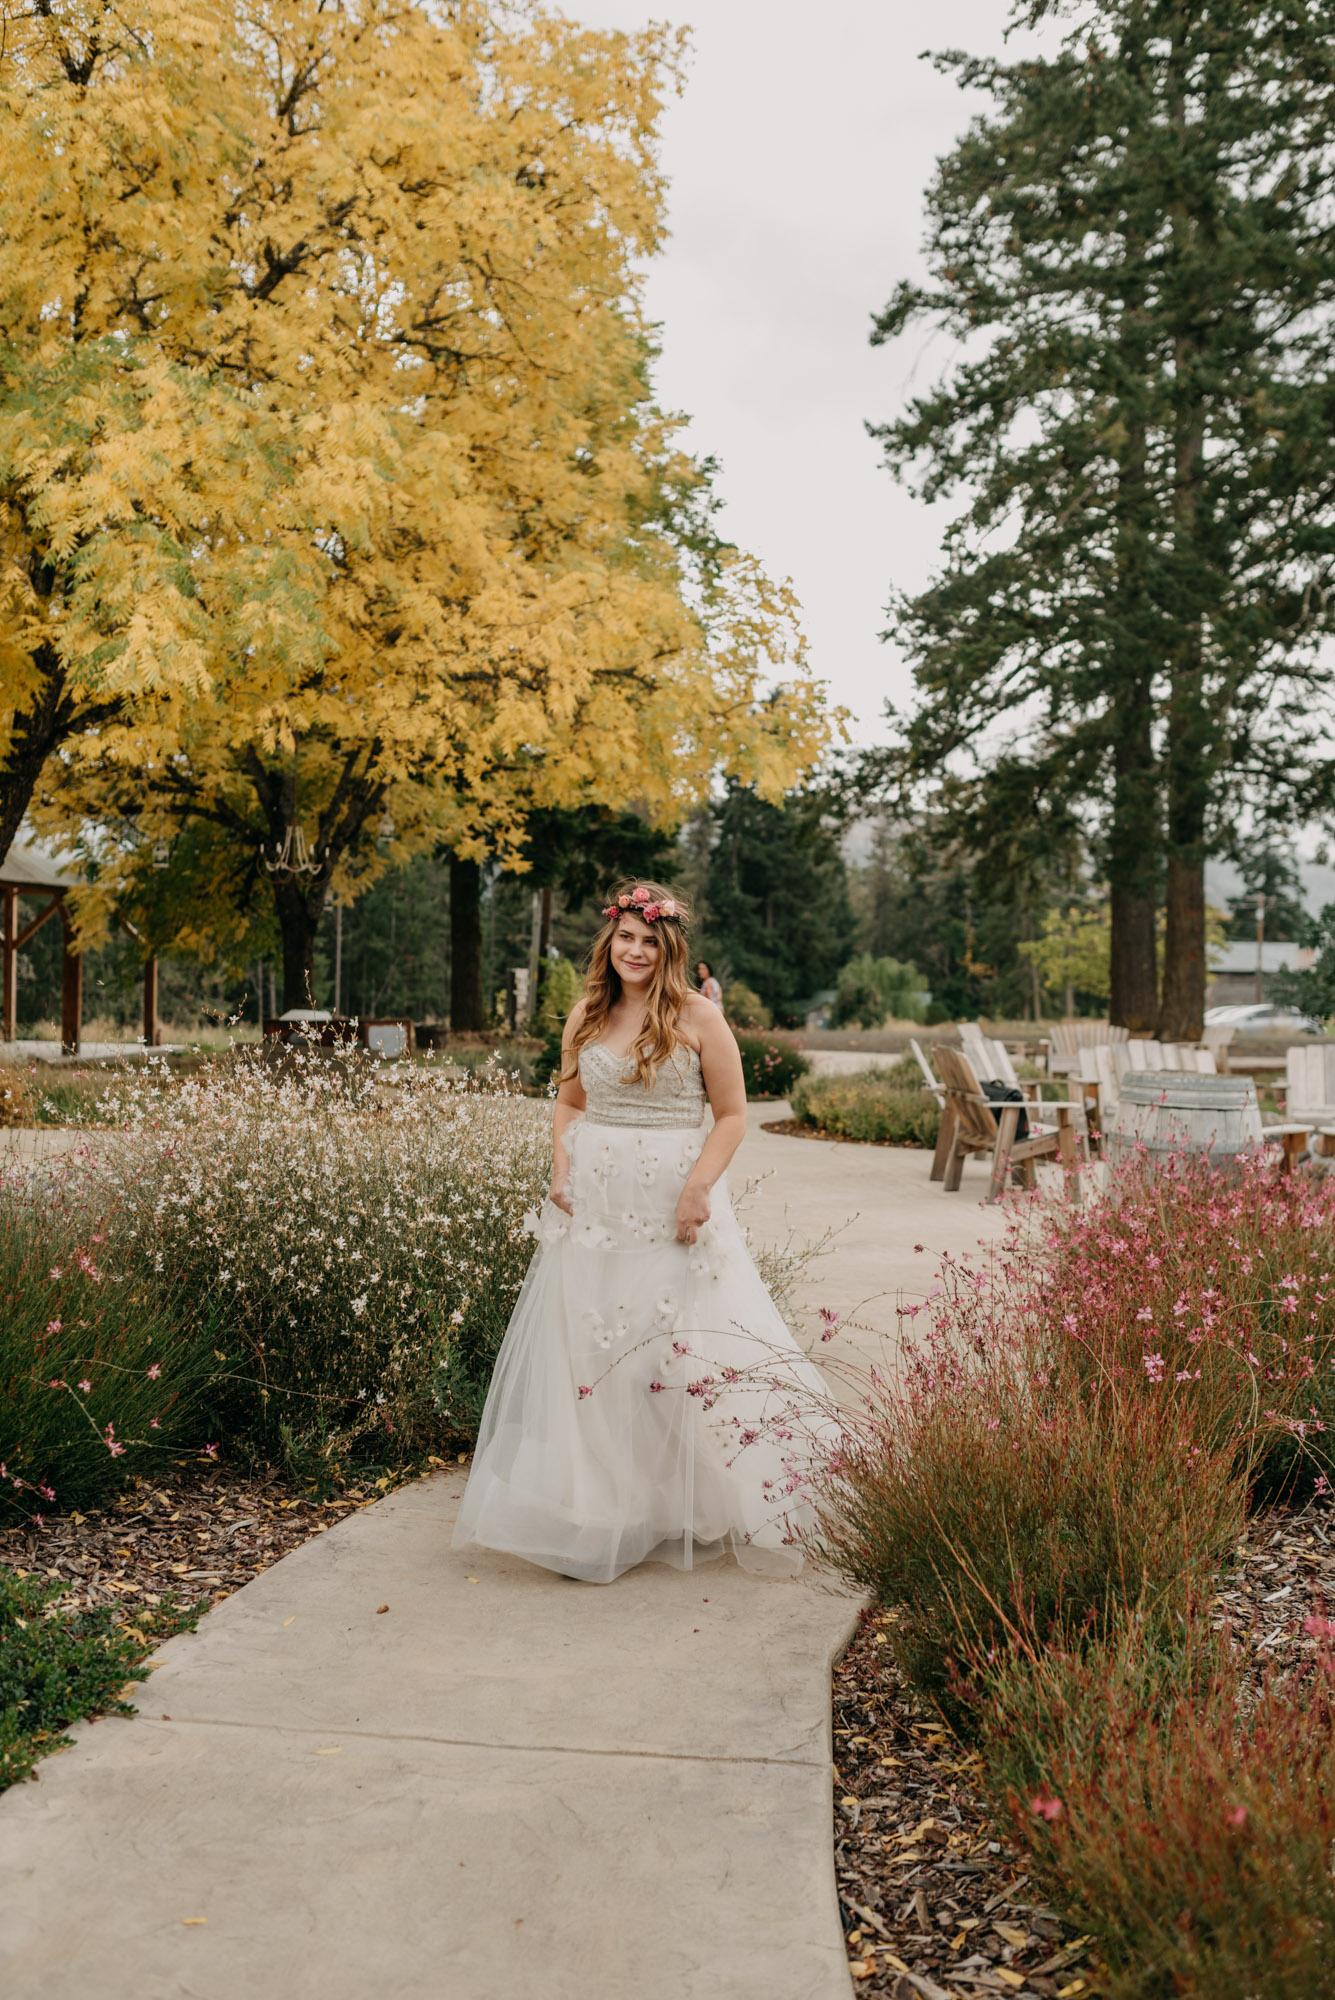 Outdoor-First-Look-Washington-Wedding-Barn-Door-8056.jpg